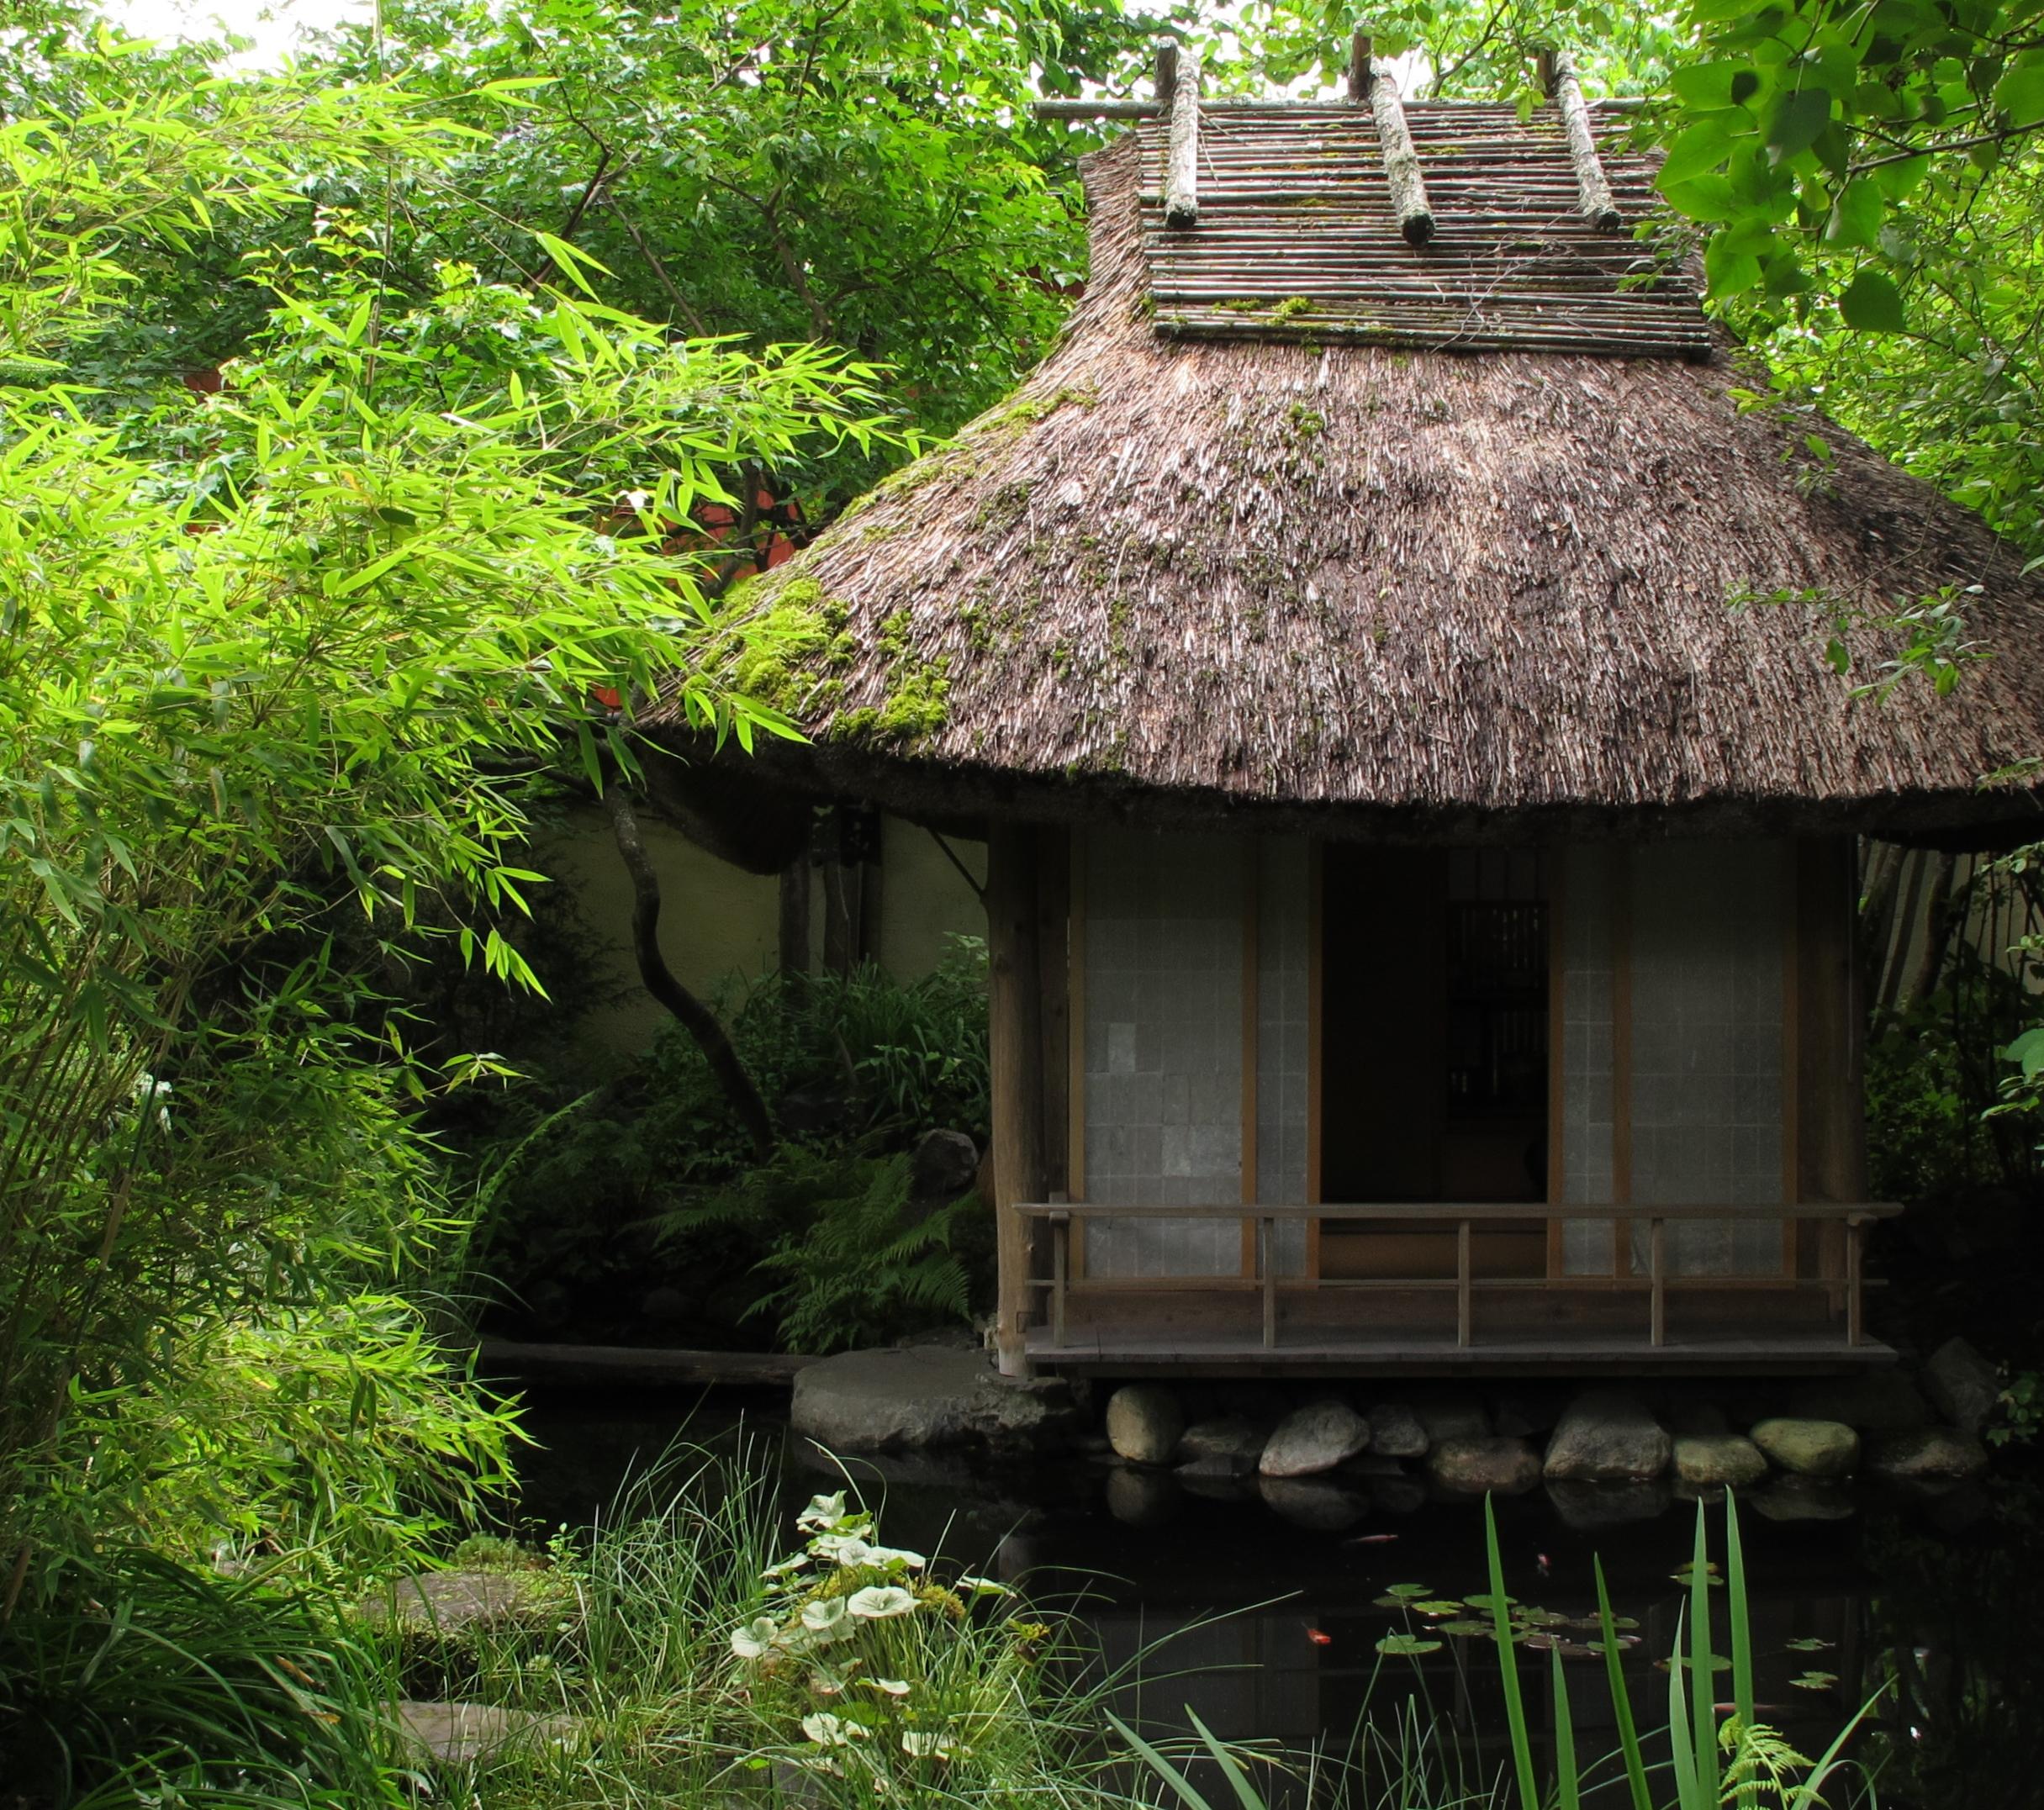 Japanese teahouse galleri kern for Japanese garden house